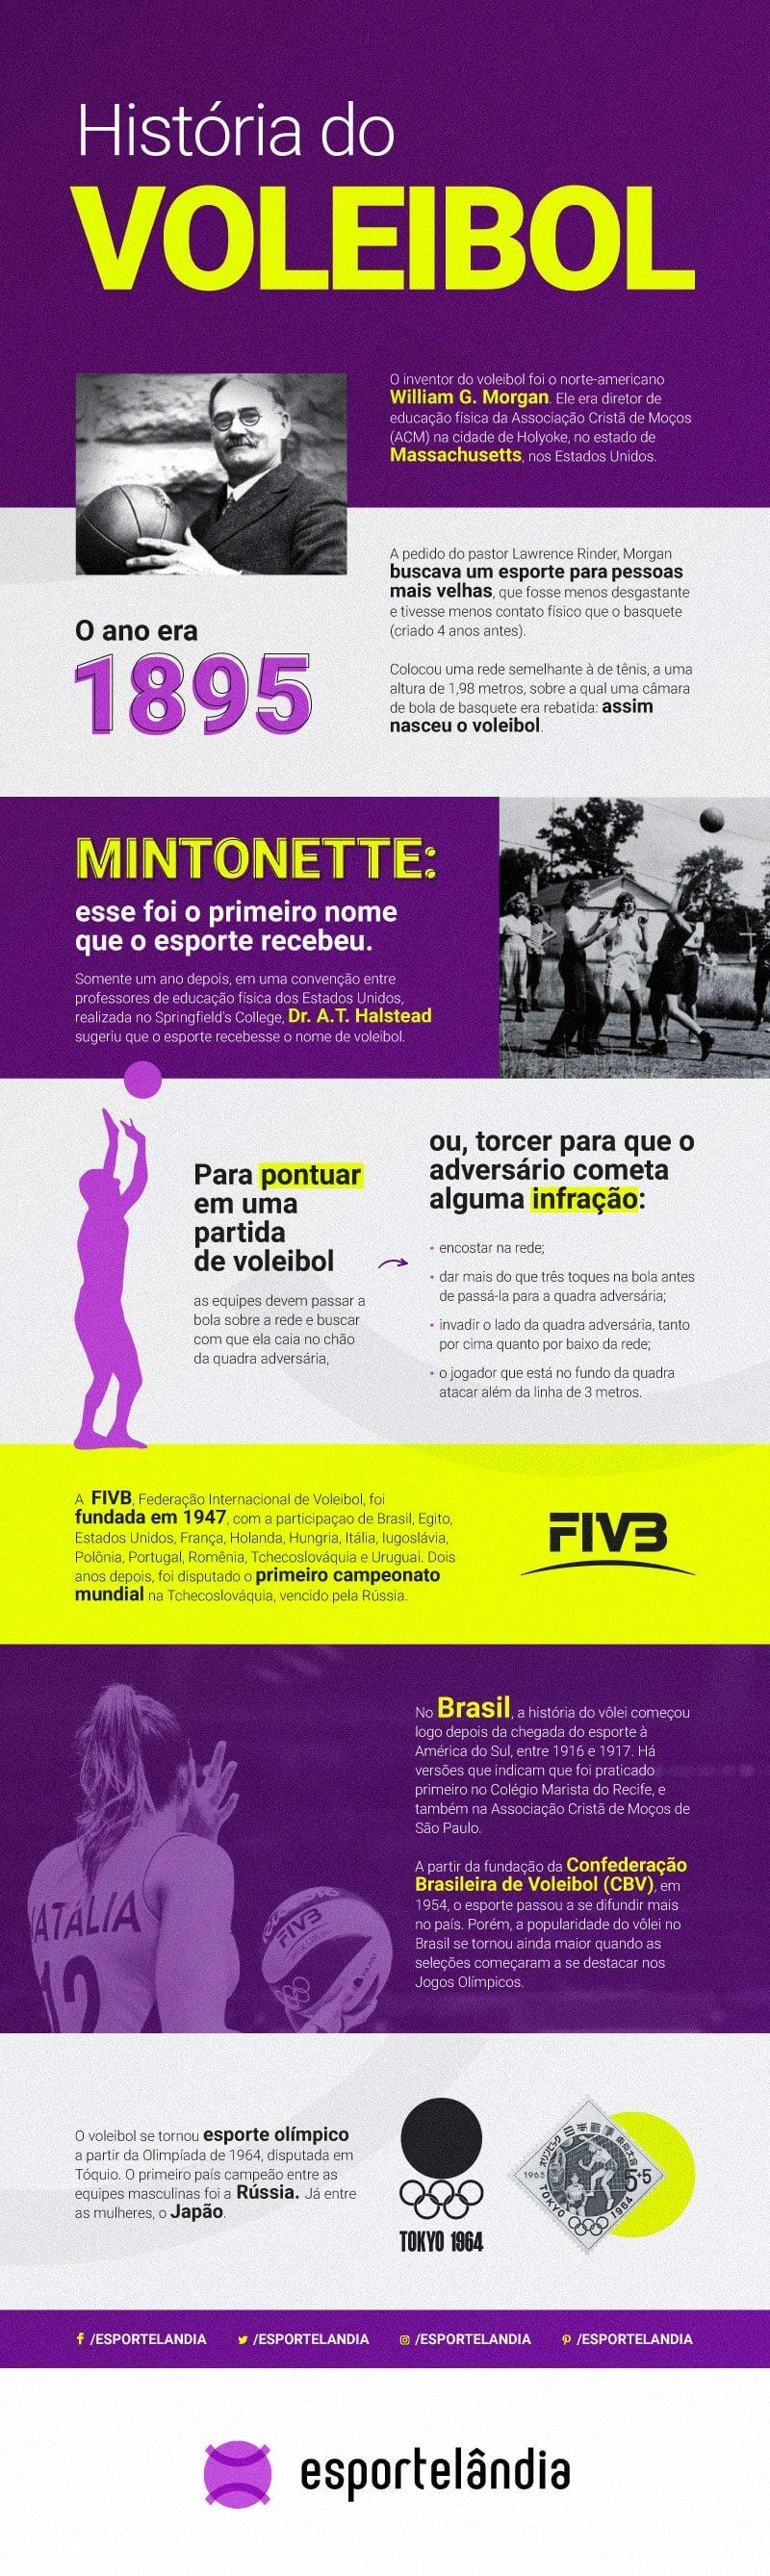 Infográfico todos os detalhes da história do voleibol